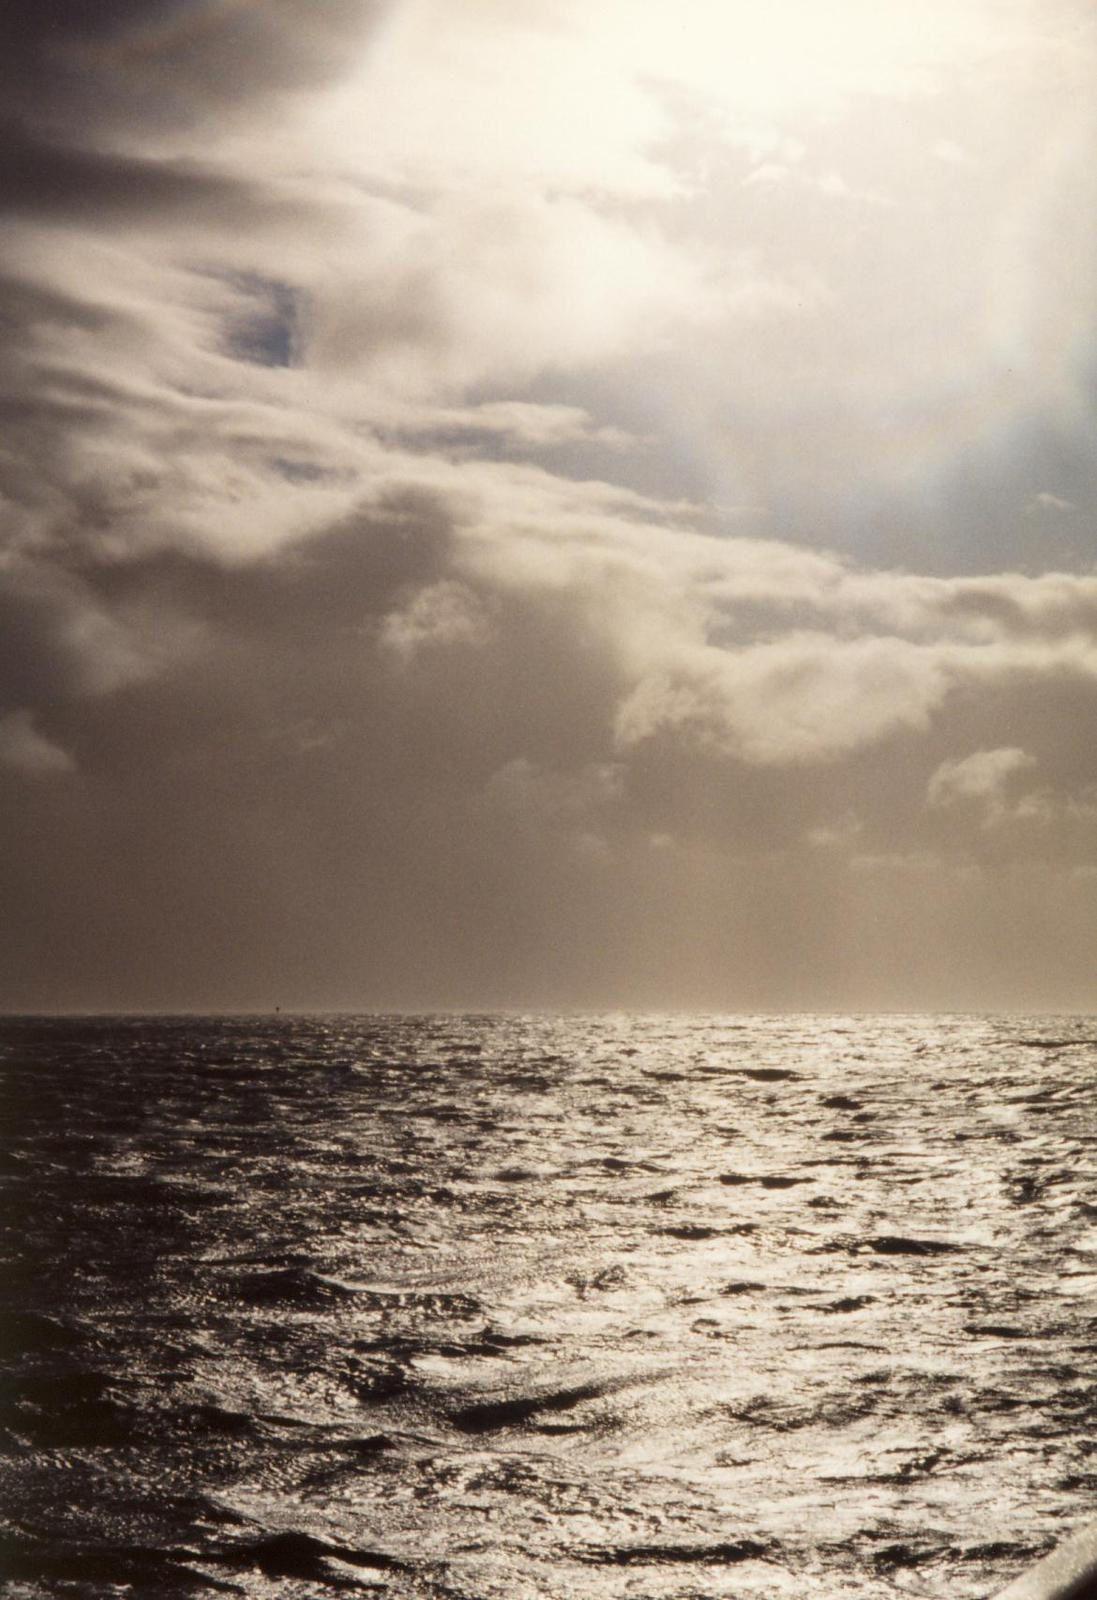 La tempête au sud d'Hammerfest